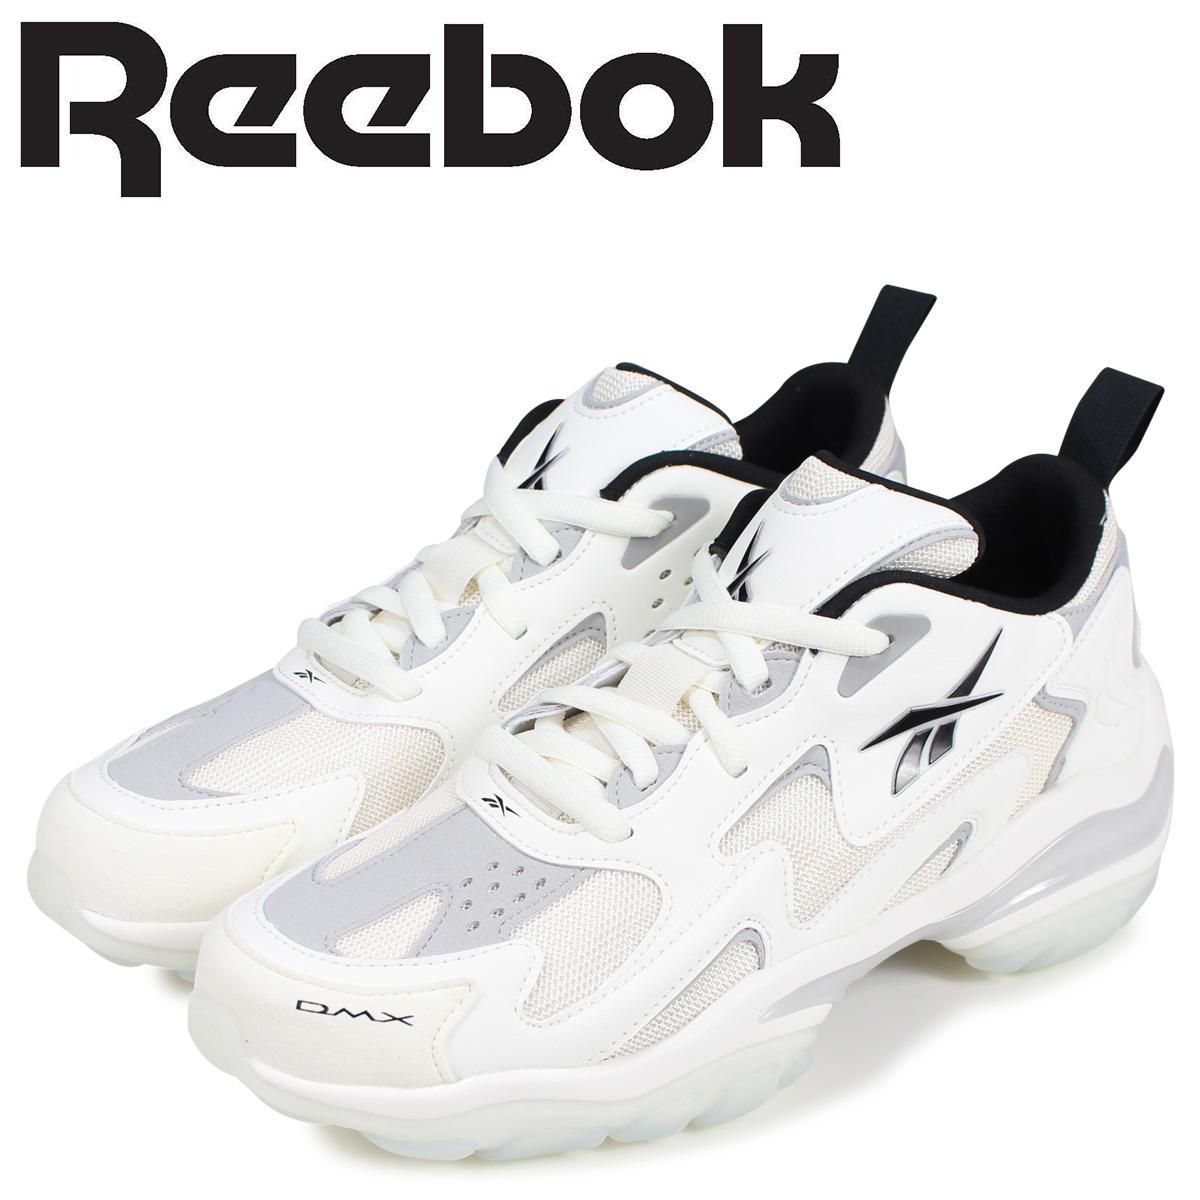 94a5ede4 Reebok Reebok D M X series 1600 sneakers men DMX SERIES 1600 white white  DV5561